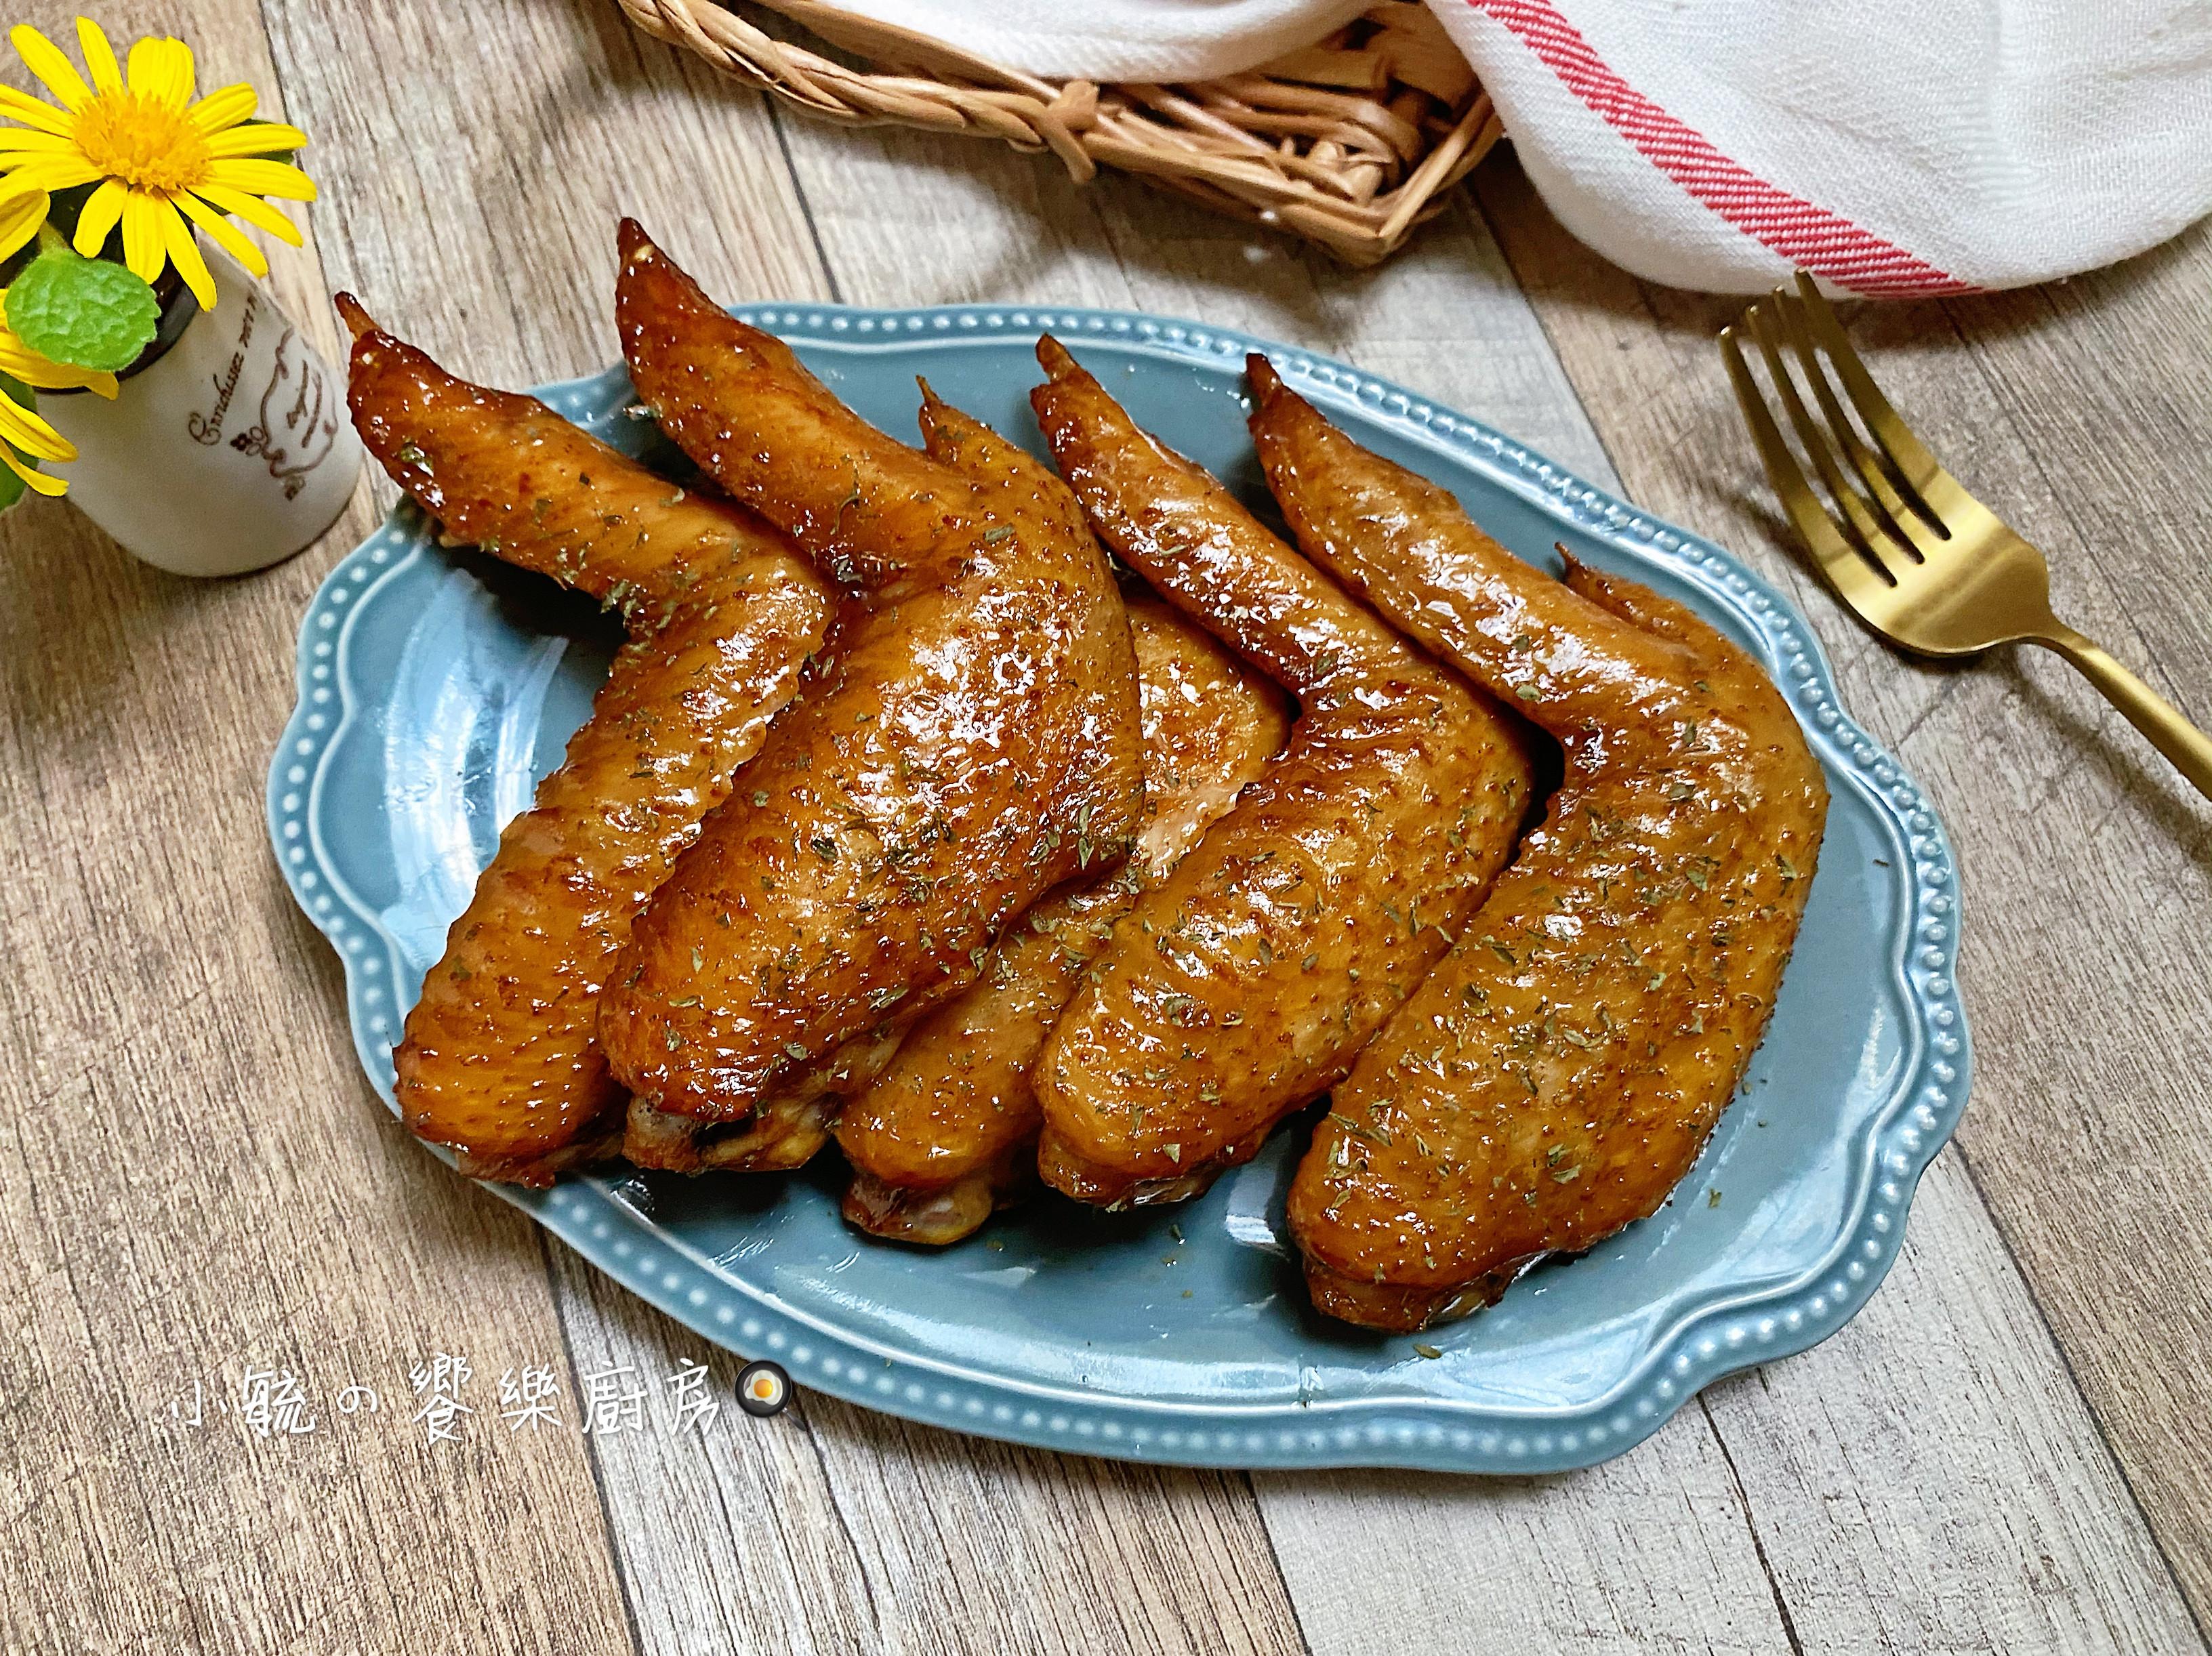 梅林醬烤雞翅